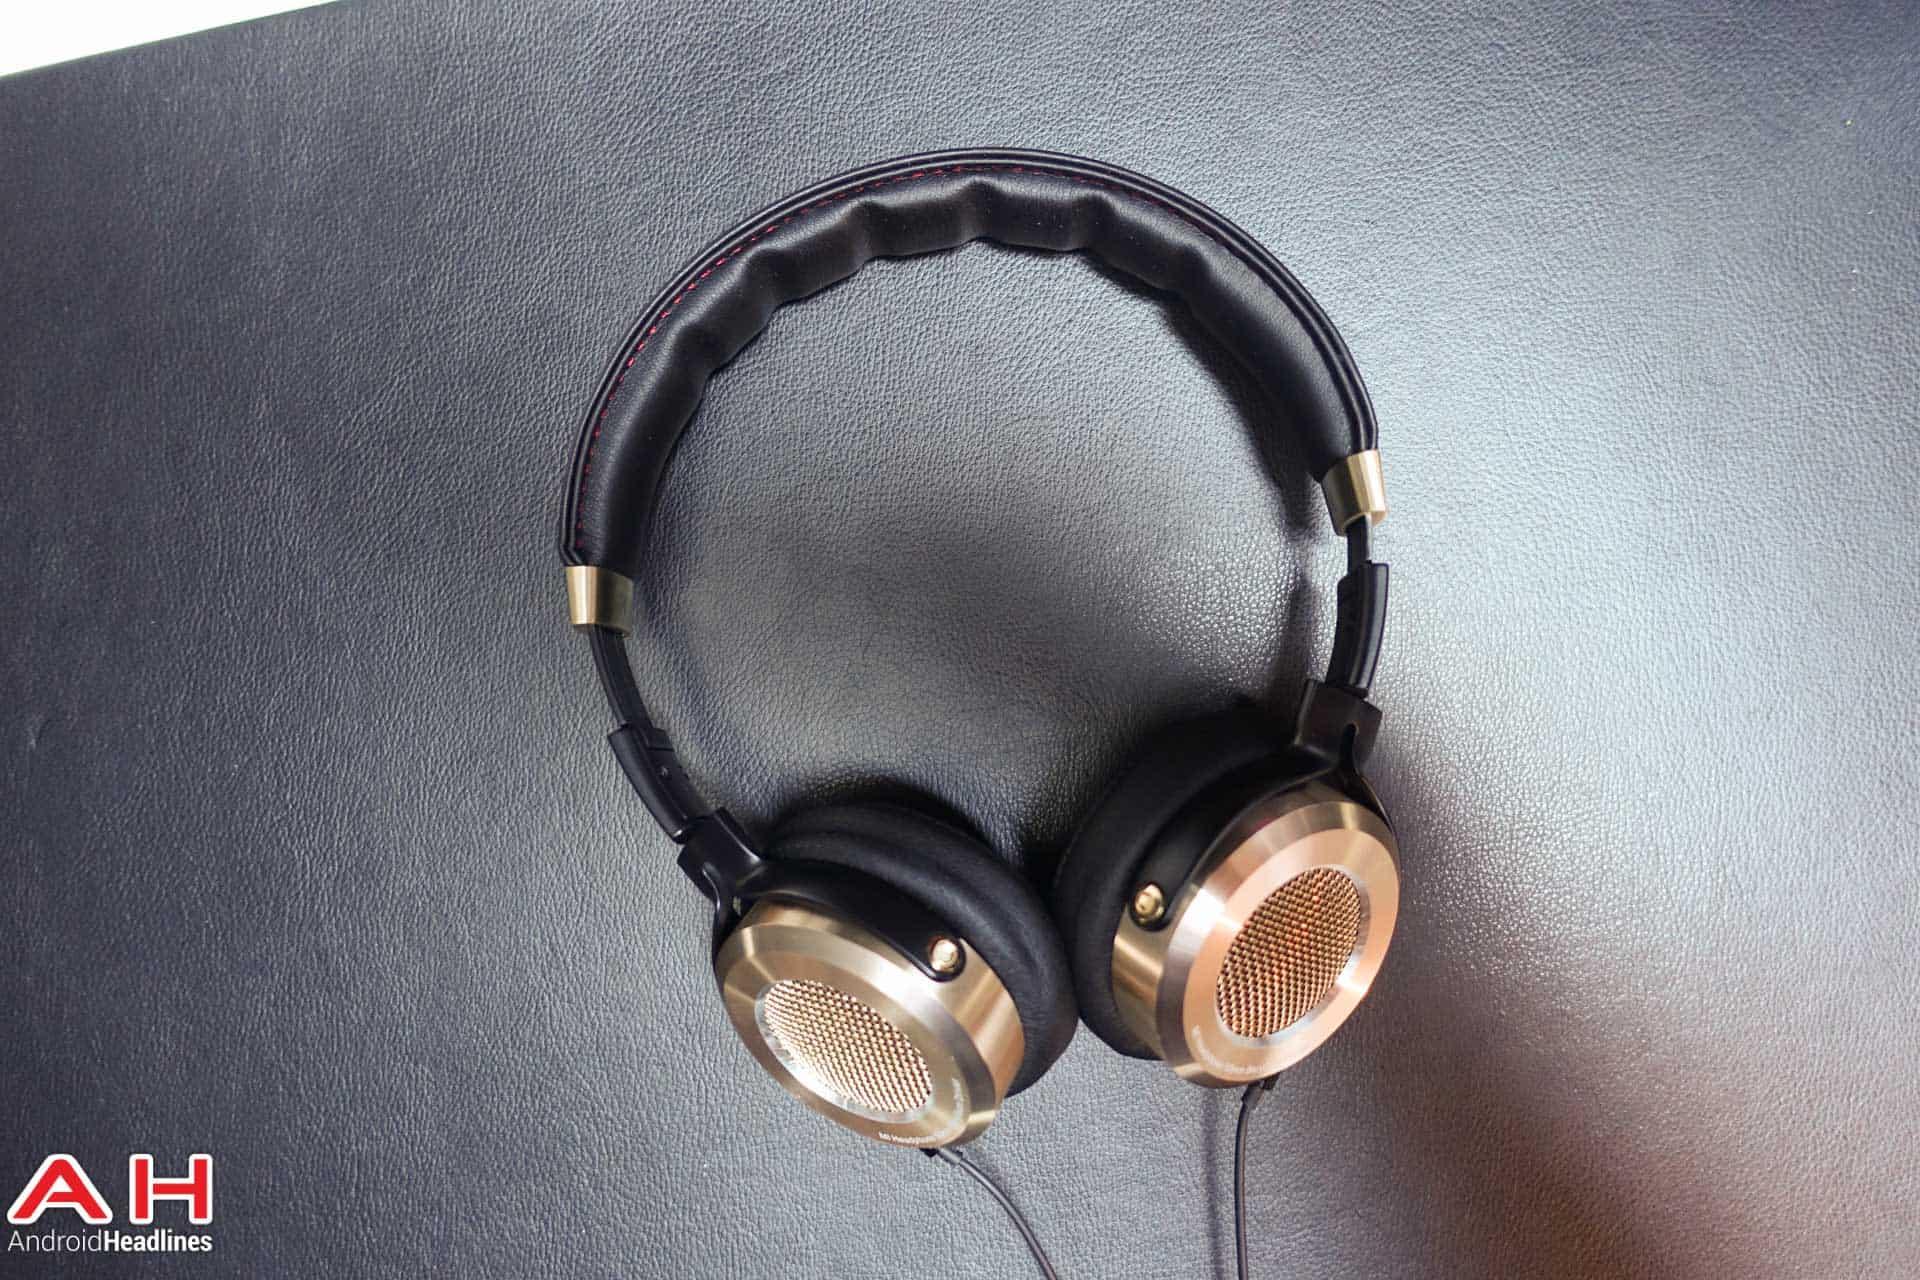 Xiaomi Mi headphones AH 03916